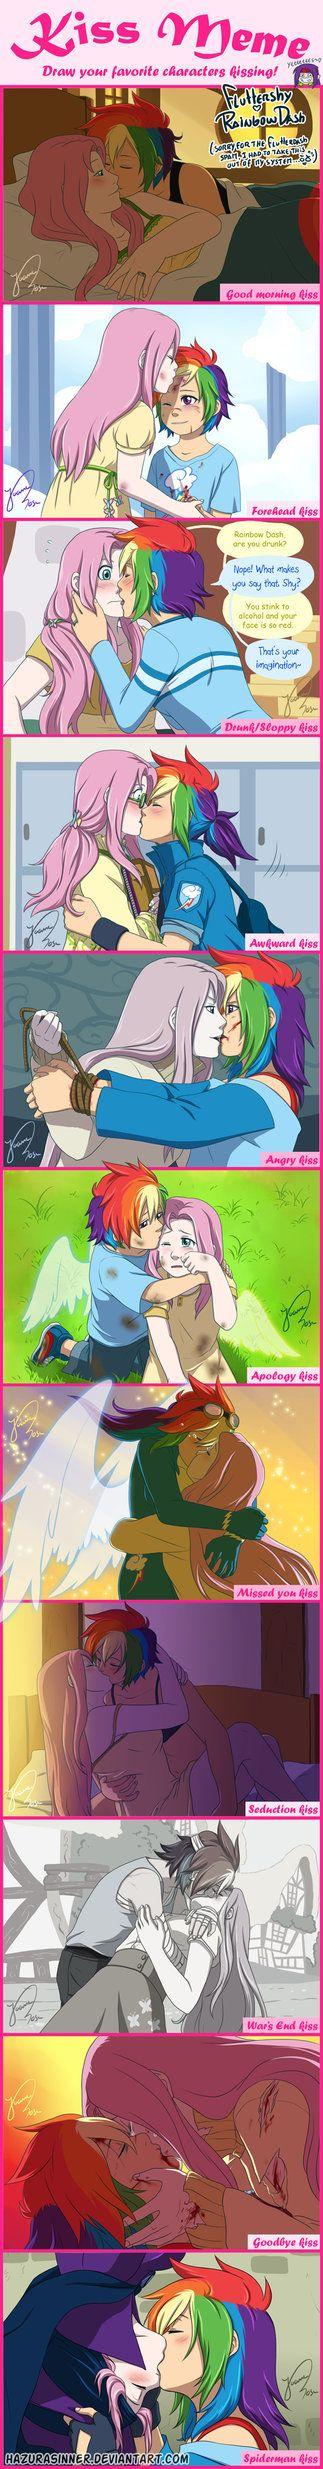 FlutterDash Kiss Meme by *HazuraSinner on deviantART